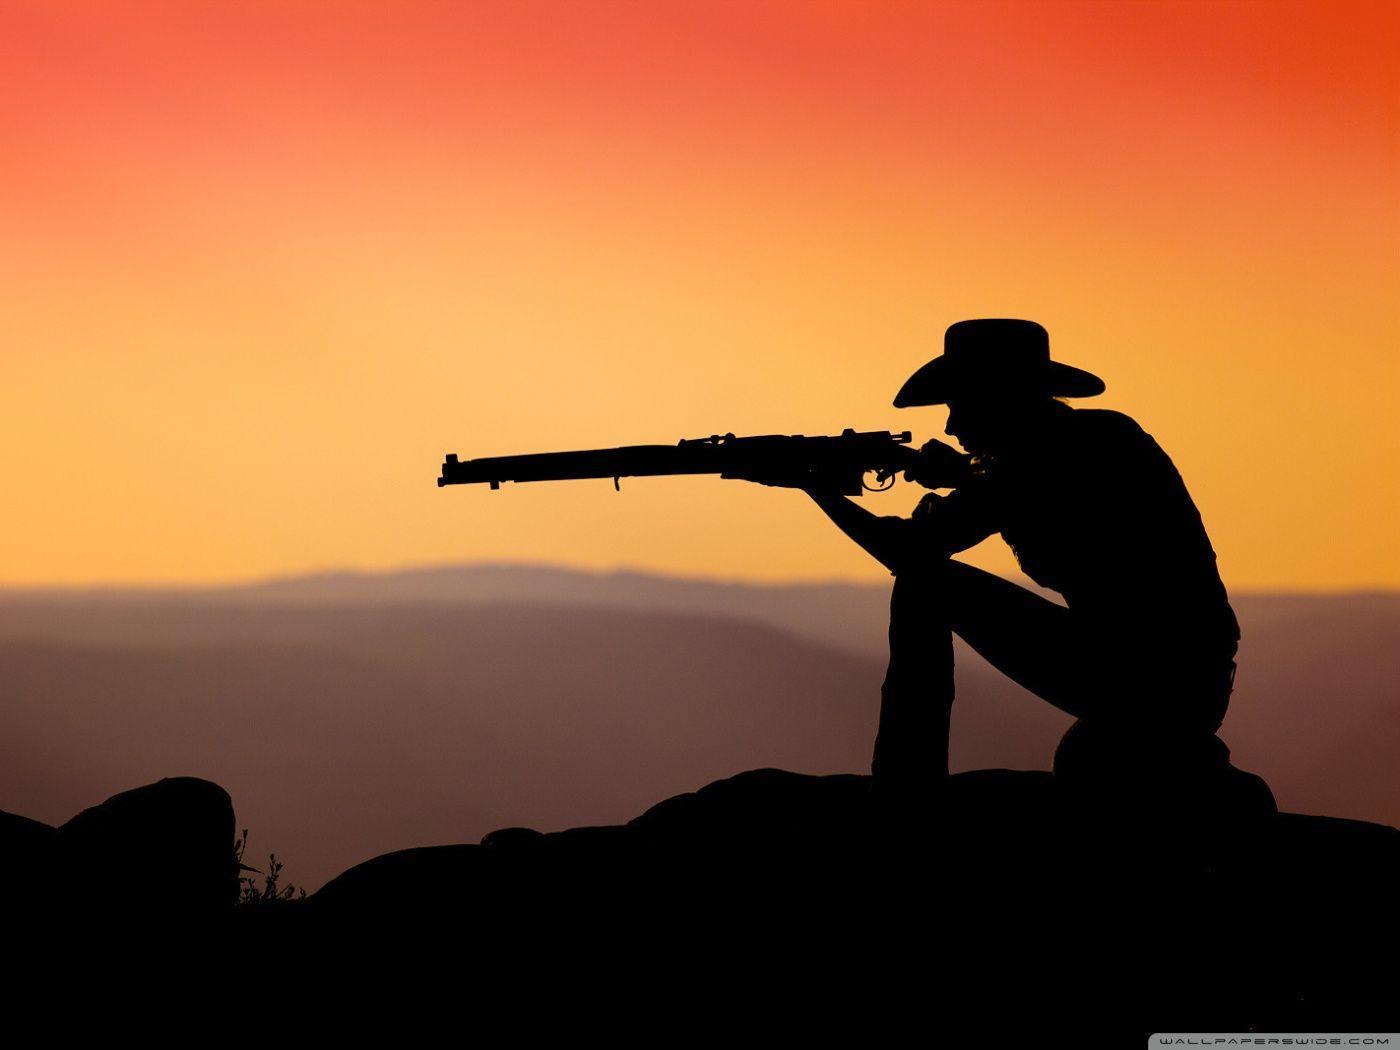 Western Cowboy Desktop Wallpapers - Top Free Western Cowboy